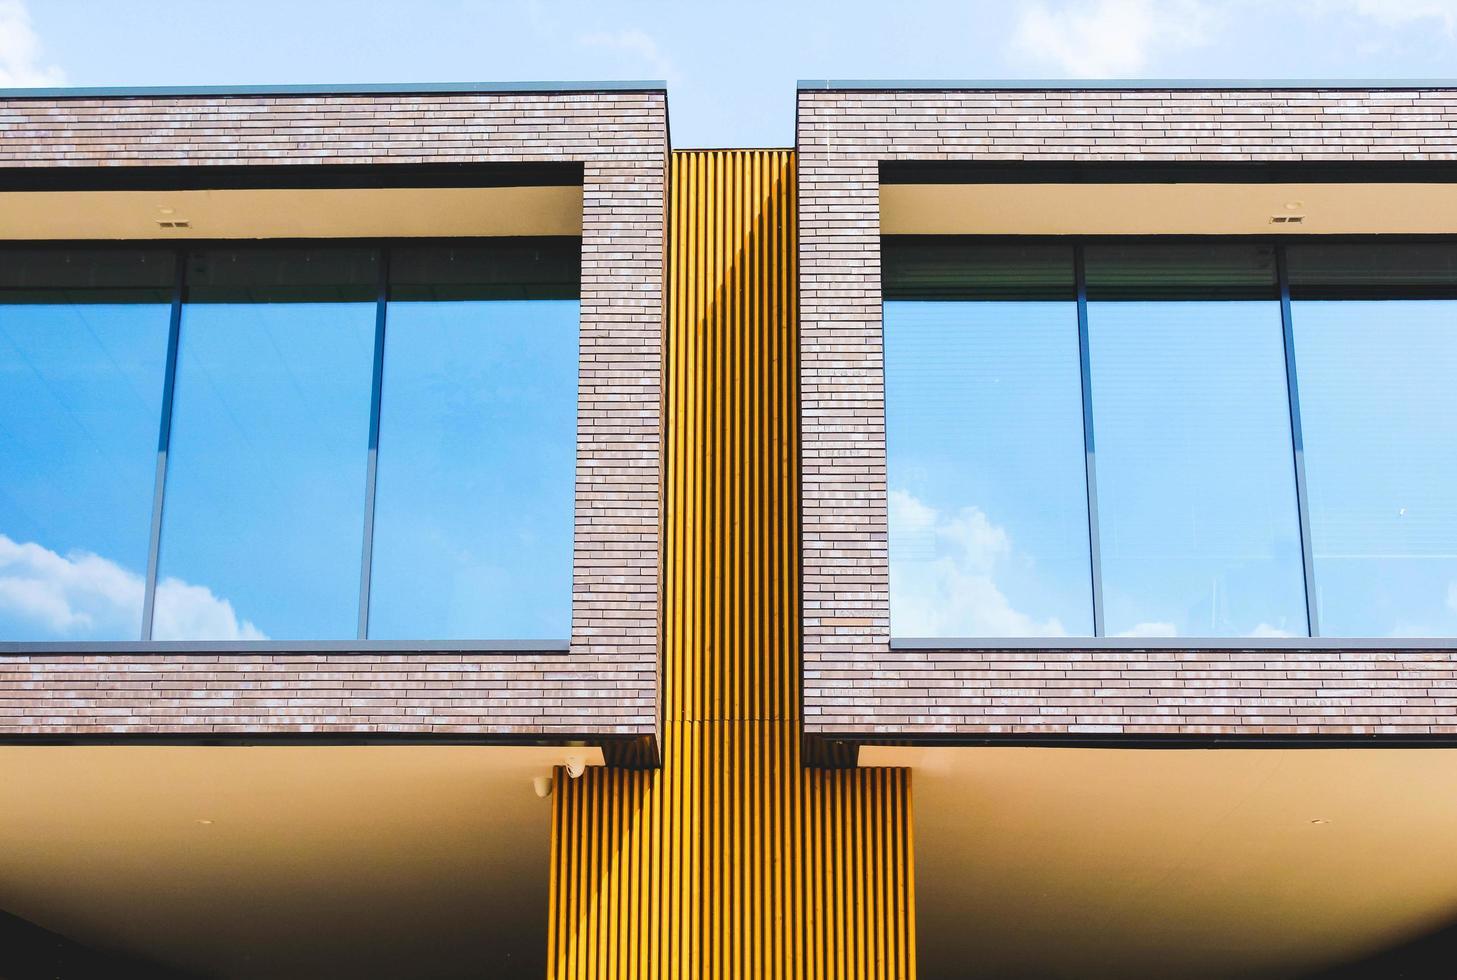 Pays-Bas, 2020 - bâtiment géométrique moderne photo